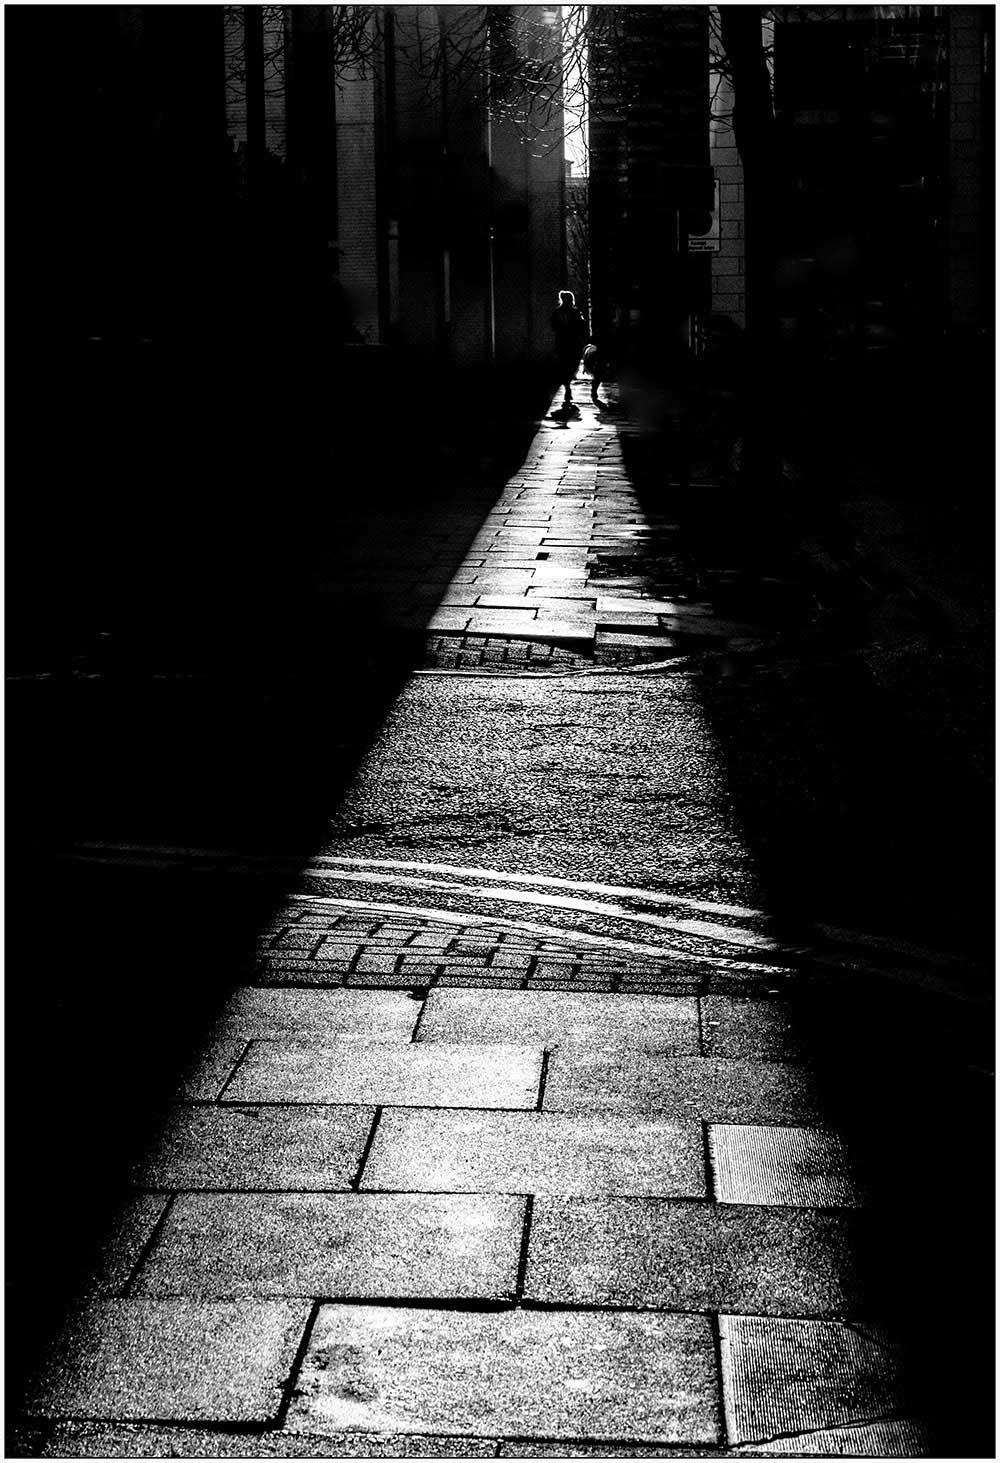 Chiarascuro | Graeme Youngson